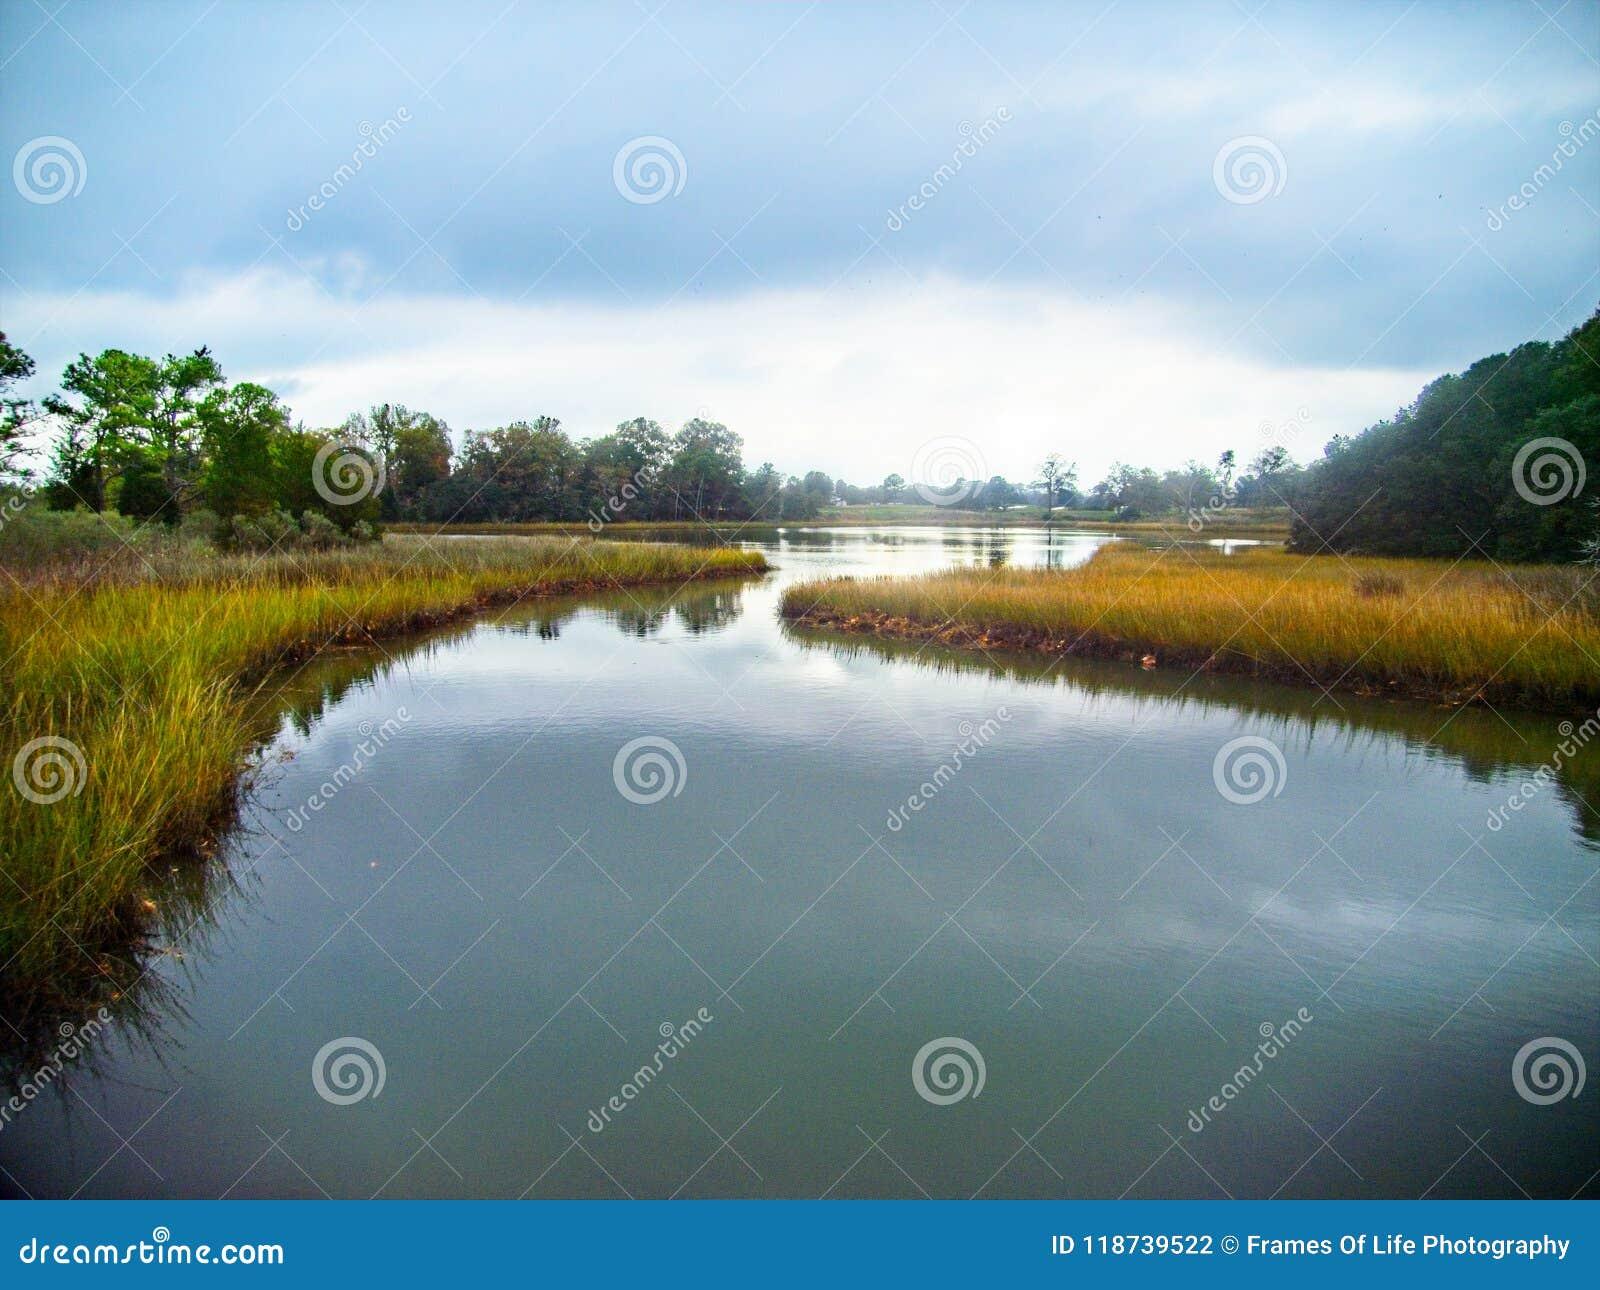 Σπίτι κολπίσκων Lynnhaven του περιβαλλοντικού ιδρύματος του Brock στην παραλία Βιρτζίνια της Βιρτζίνια